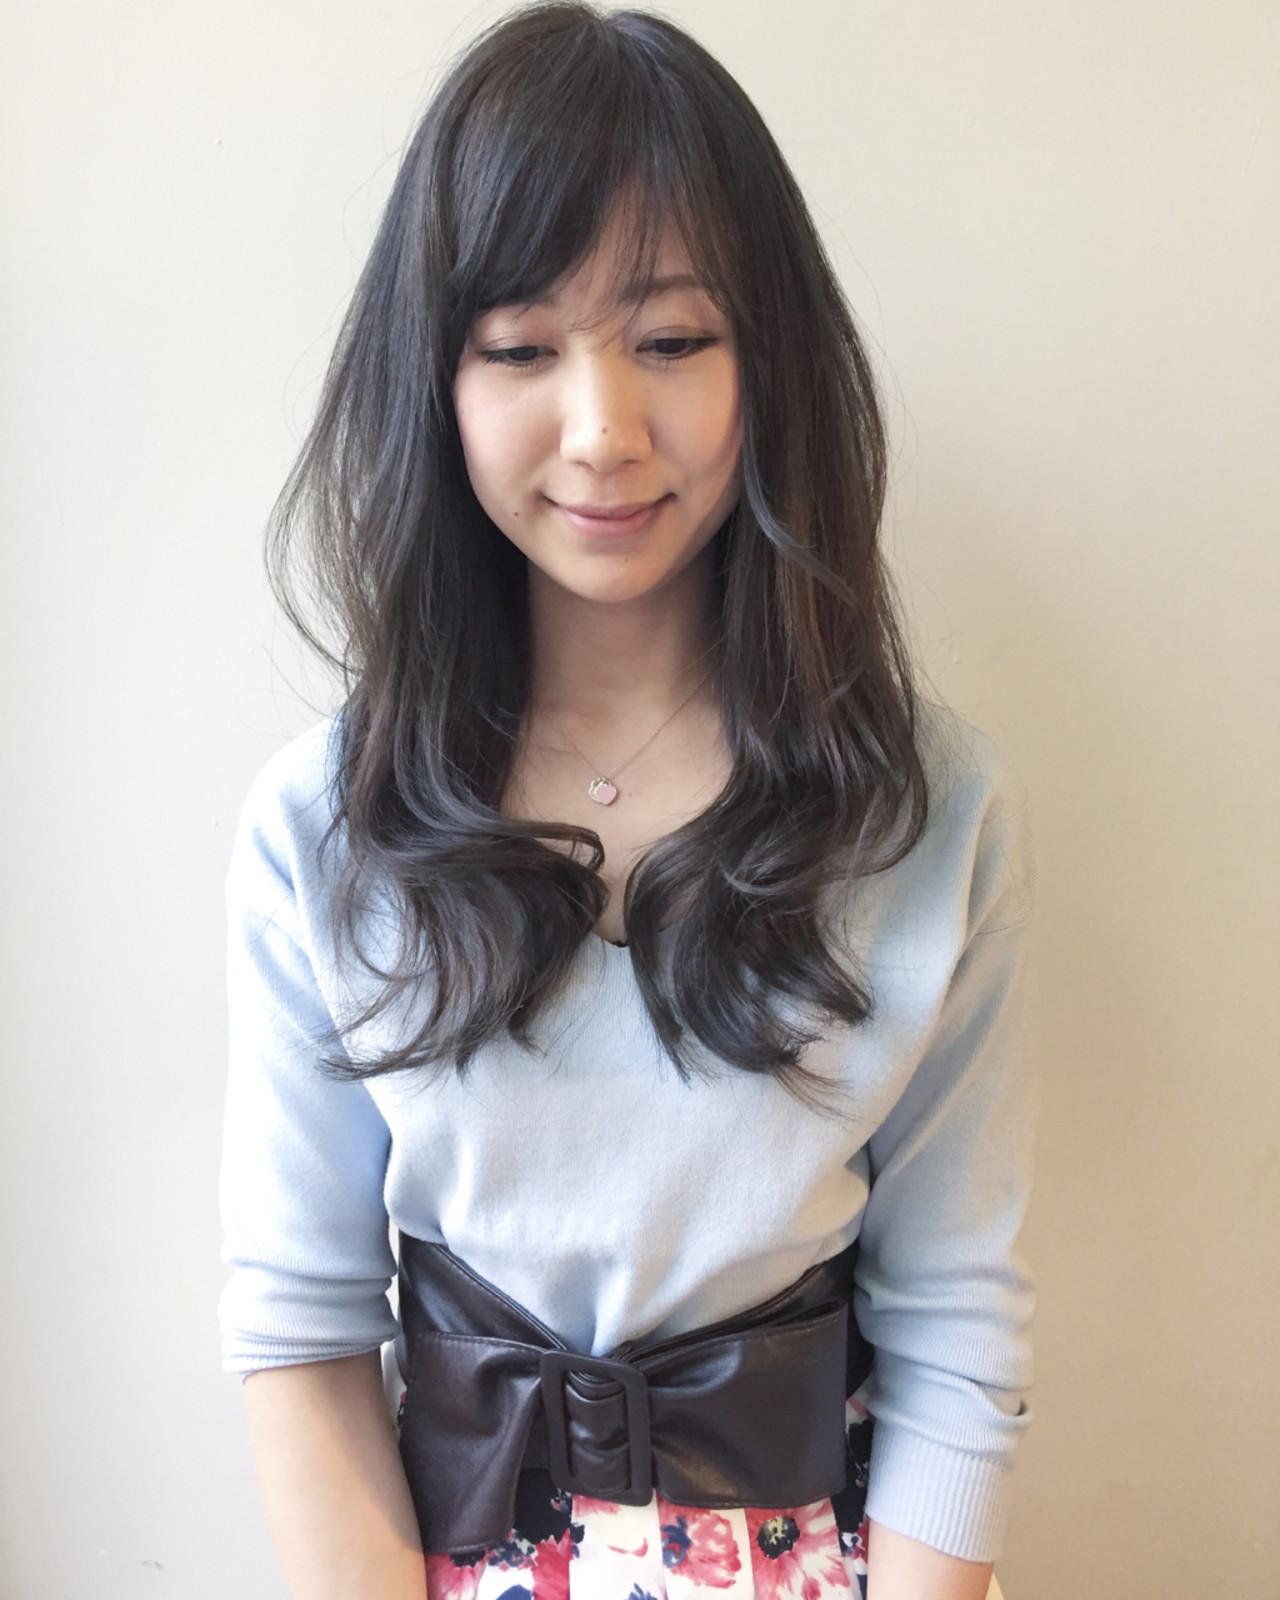 前髪ありスタイル10